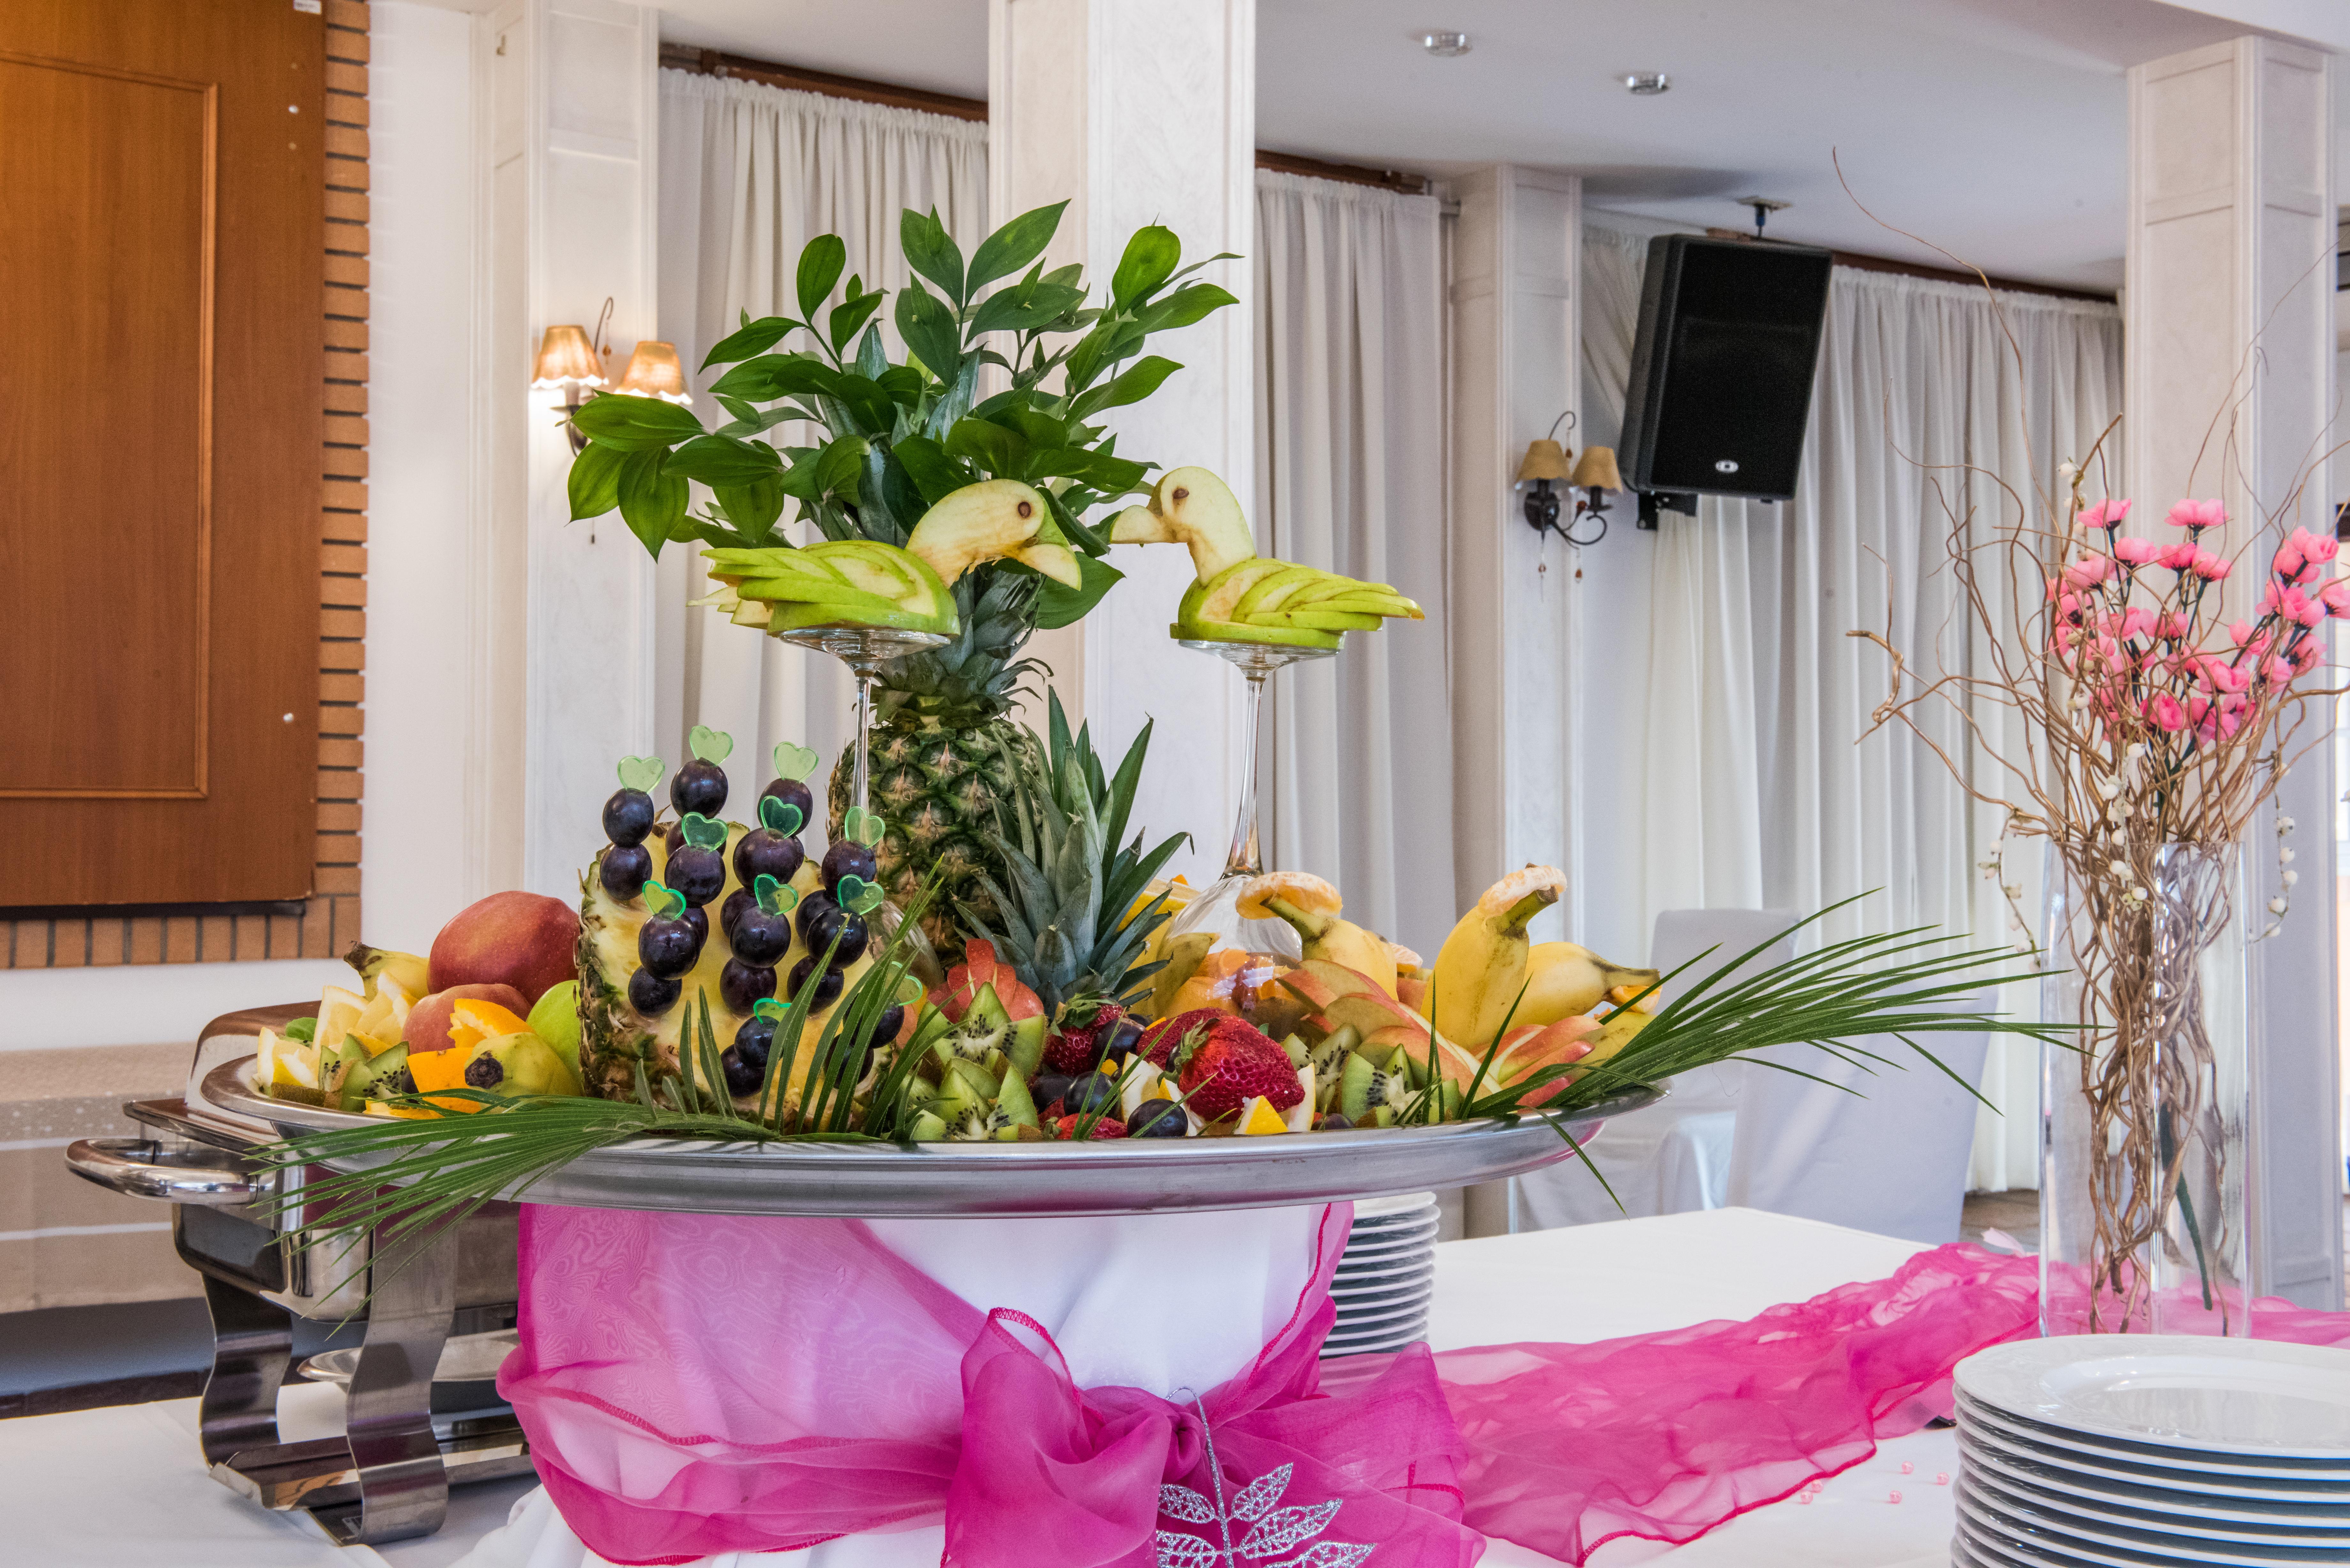 Hrana-dekoracije-2016-219